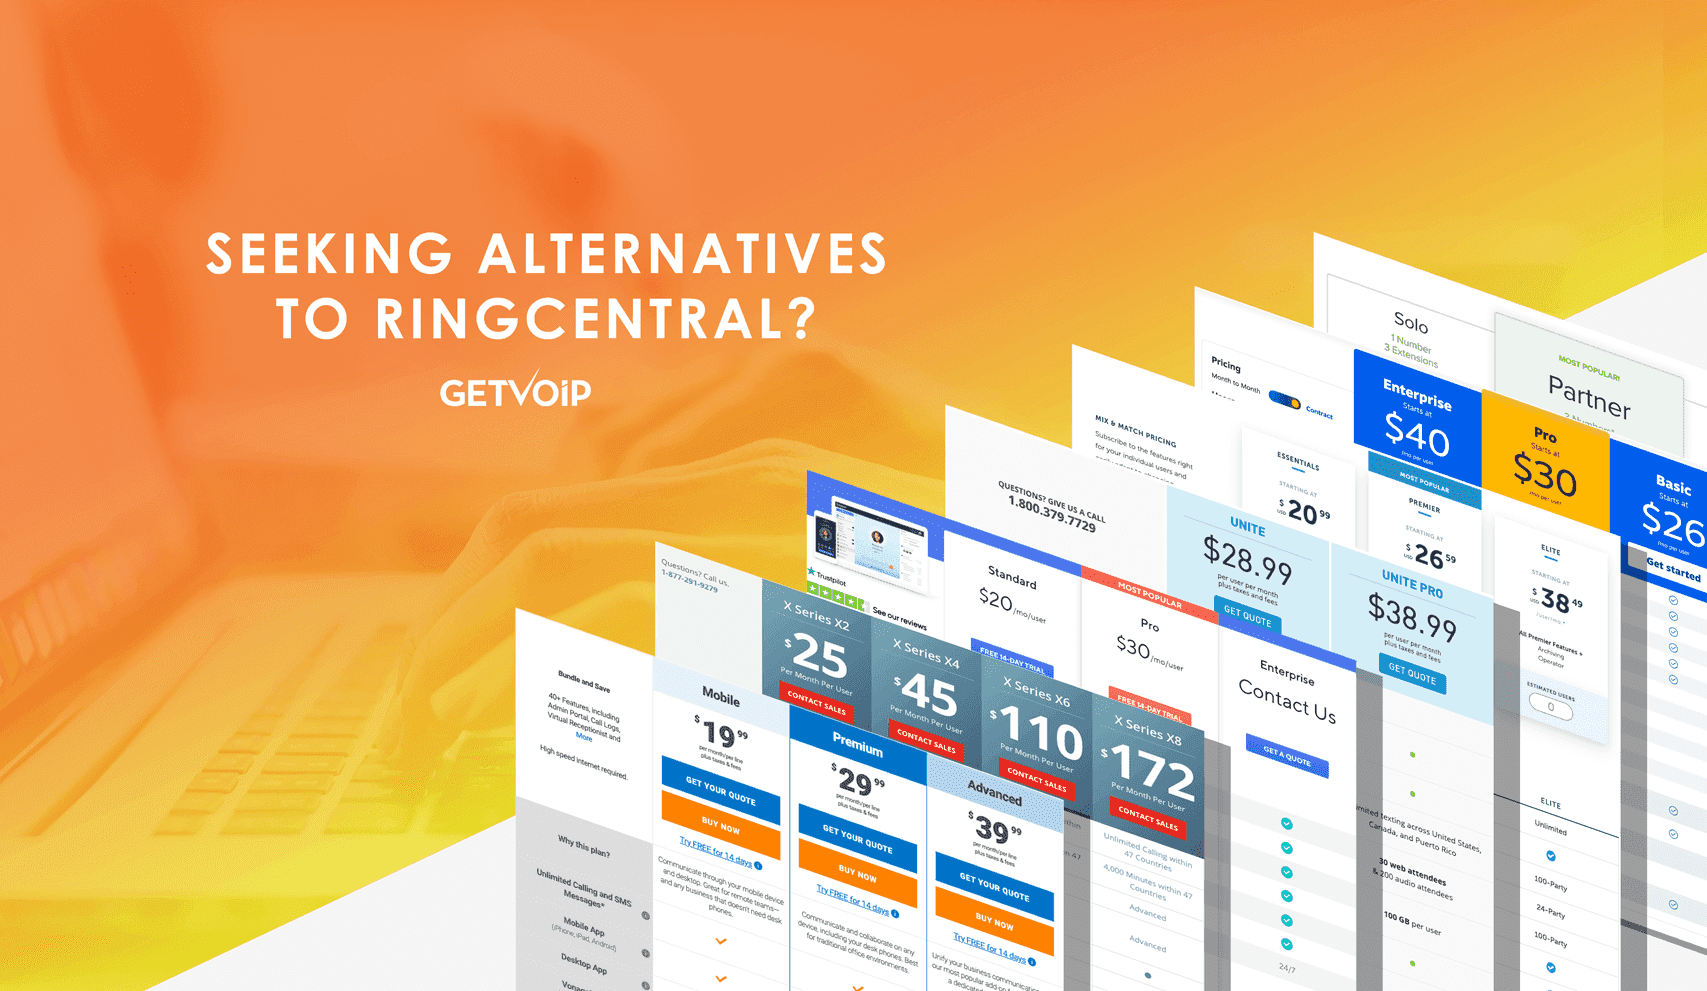 ringcentral alternatives